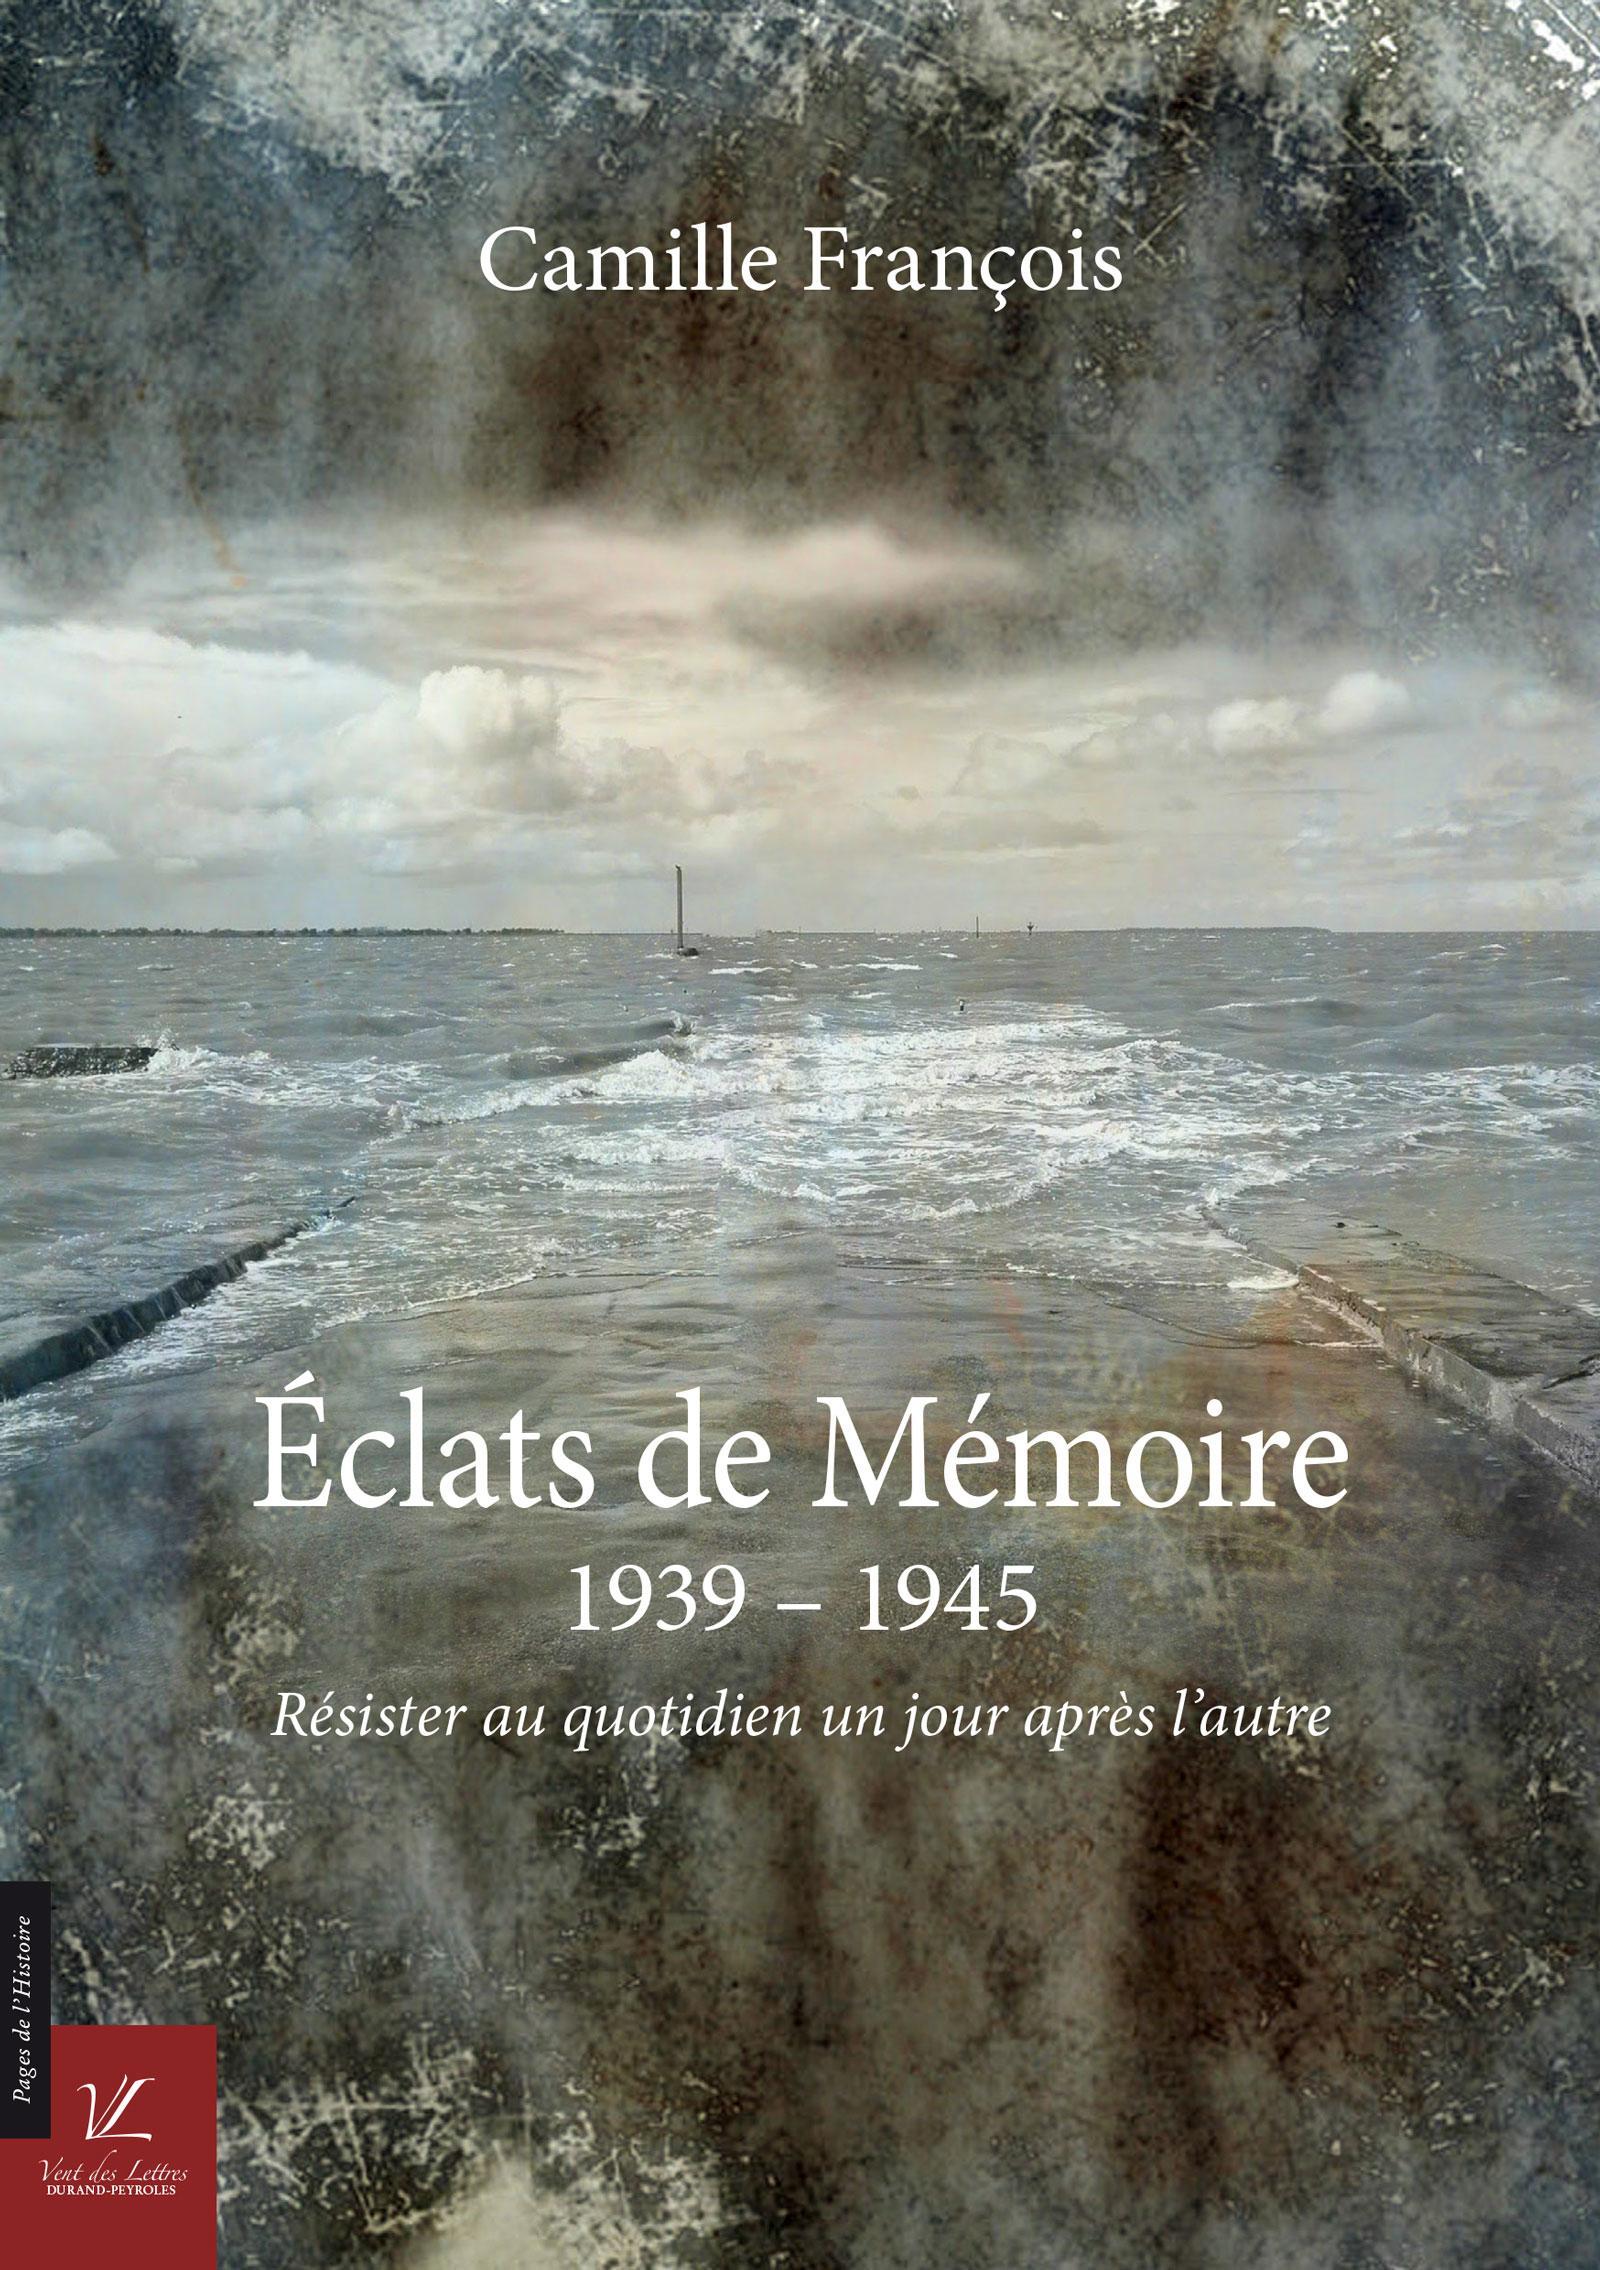 Éclats de mémoire, 1939 - 1945 RÉSISTER AU QUOTIDIEN